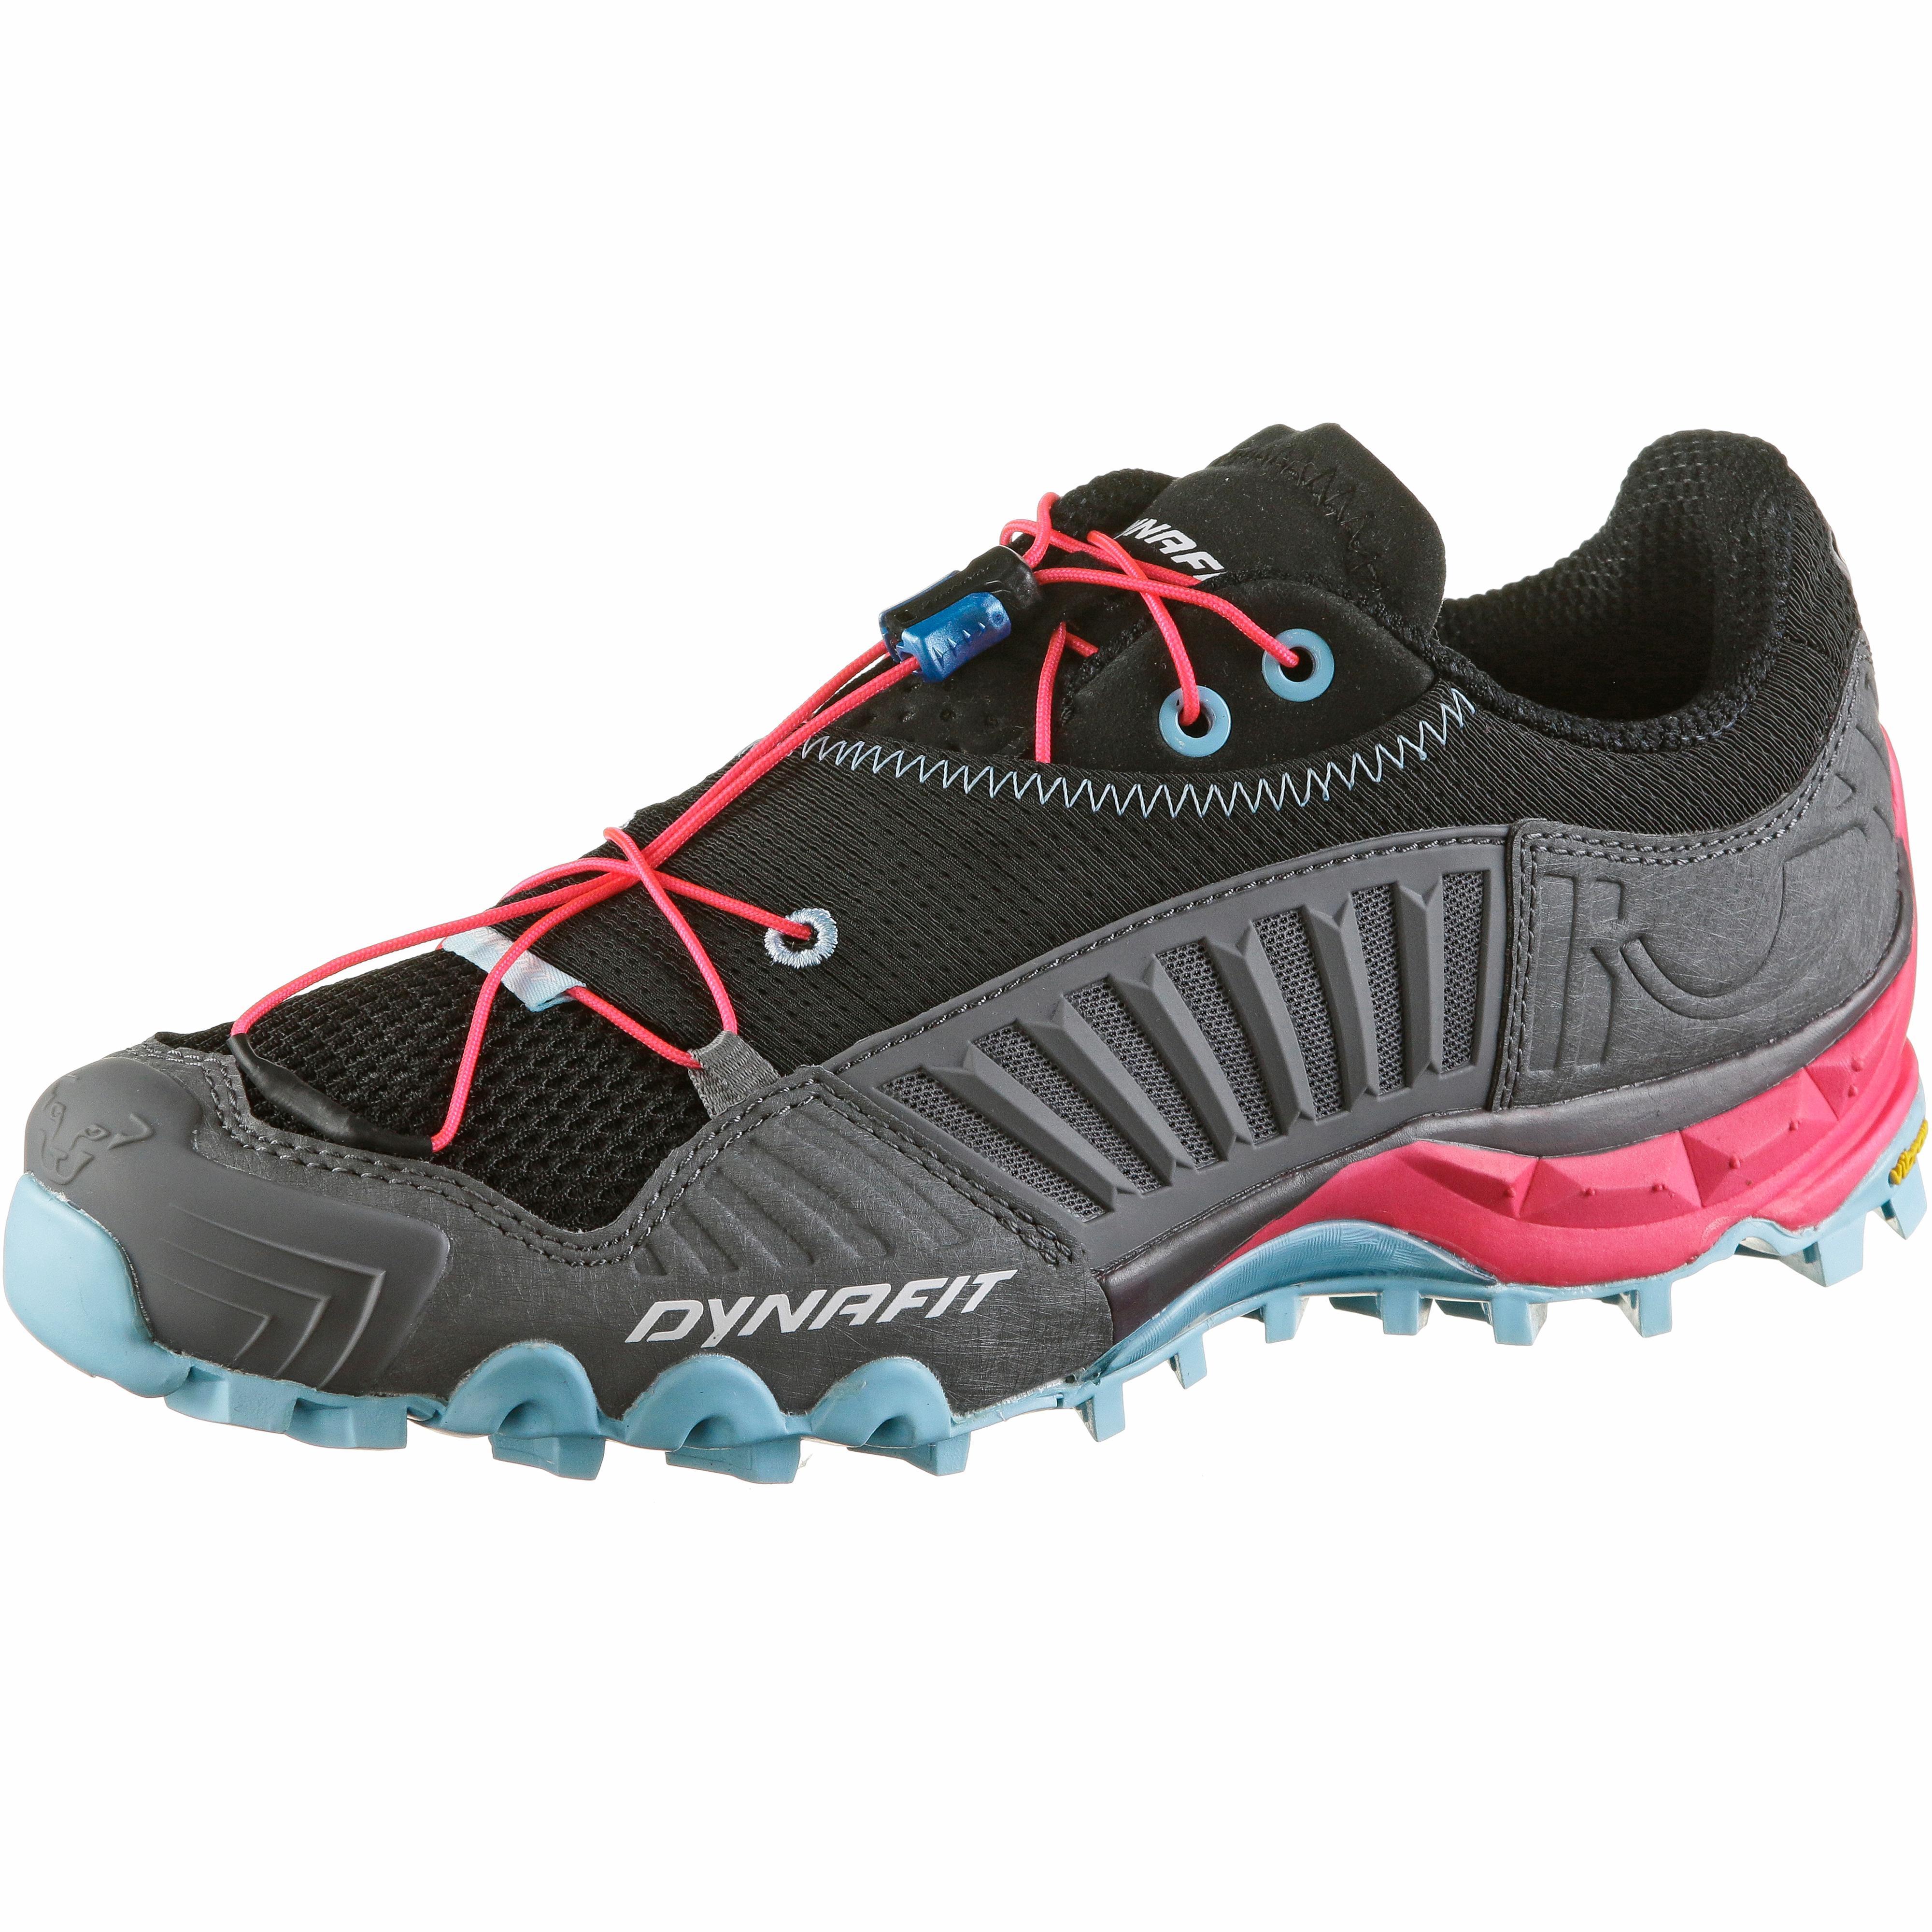 Dynafit Feline Feline Feline SL Mountain Running Schuhe Damen quiet shade-petit four im Online Shop von SportScheck kaufen Gute Qualität beliebte Schuhe a9e759